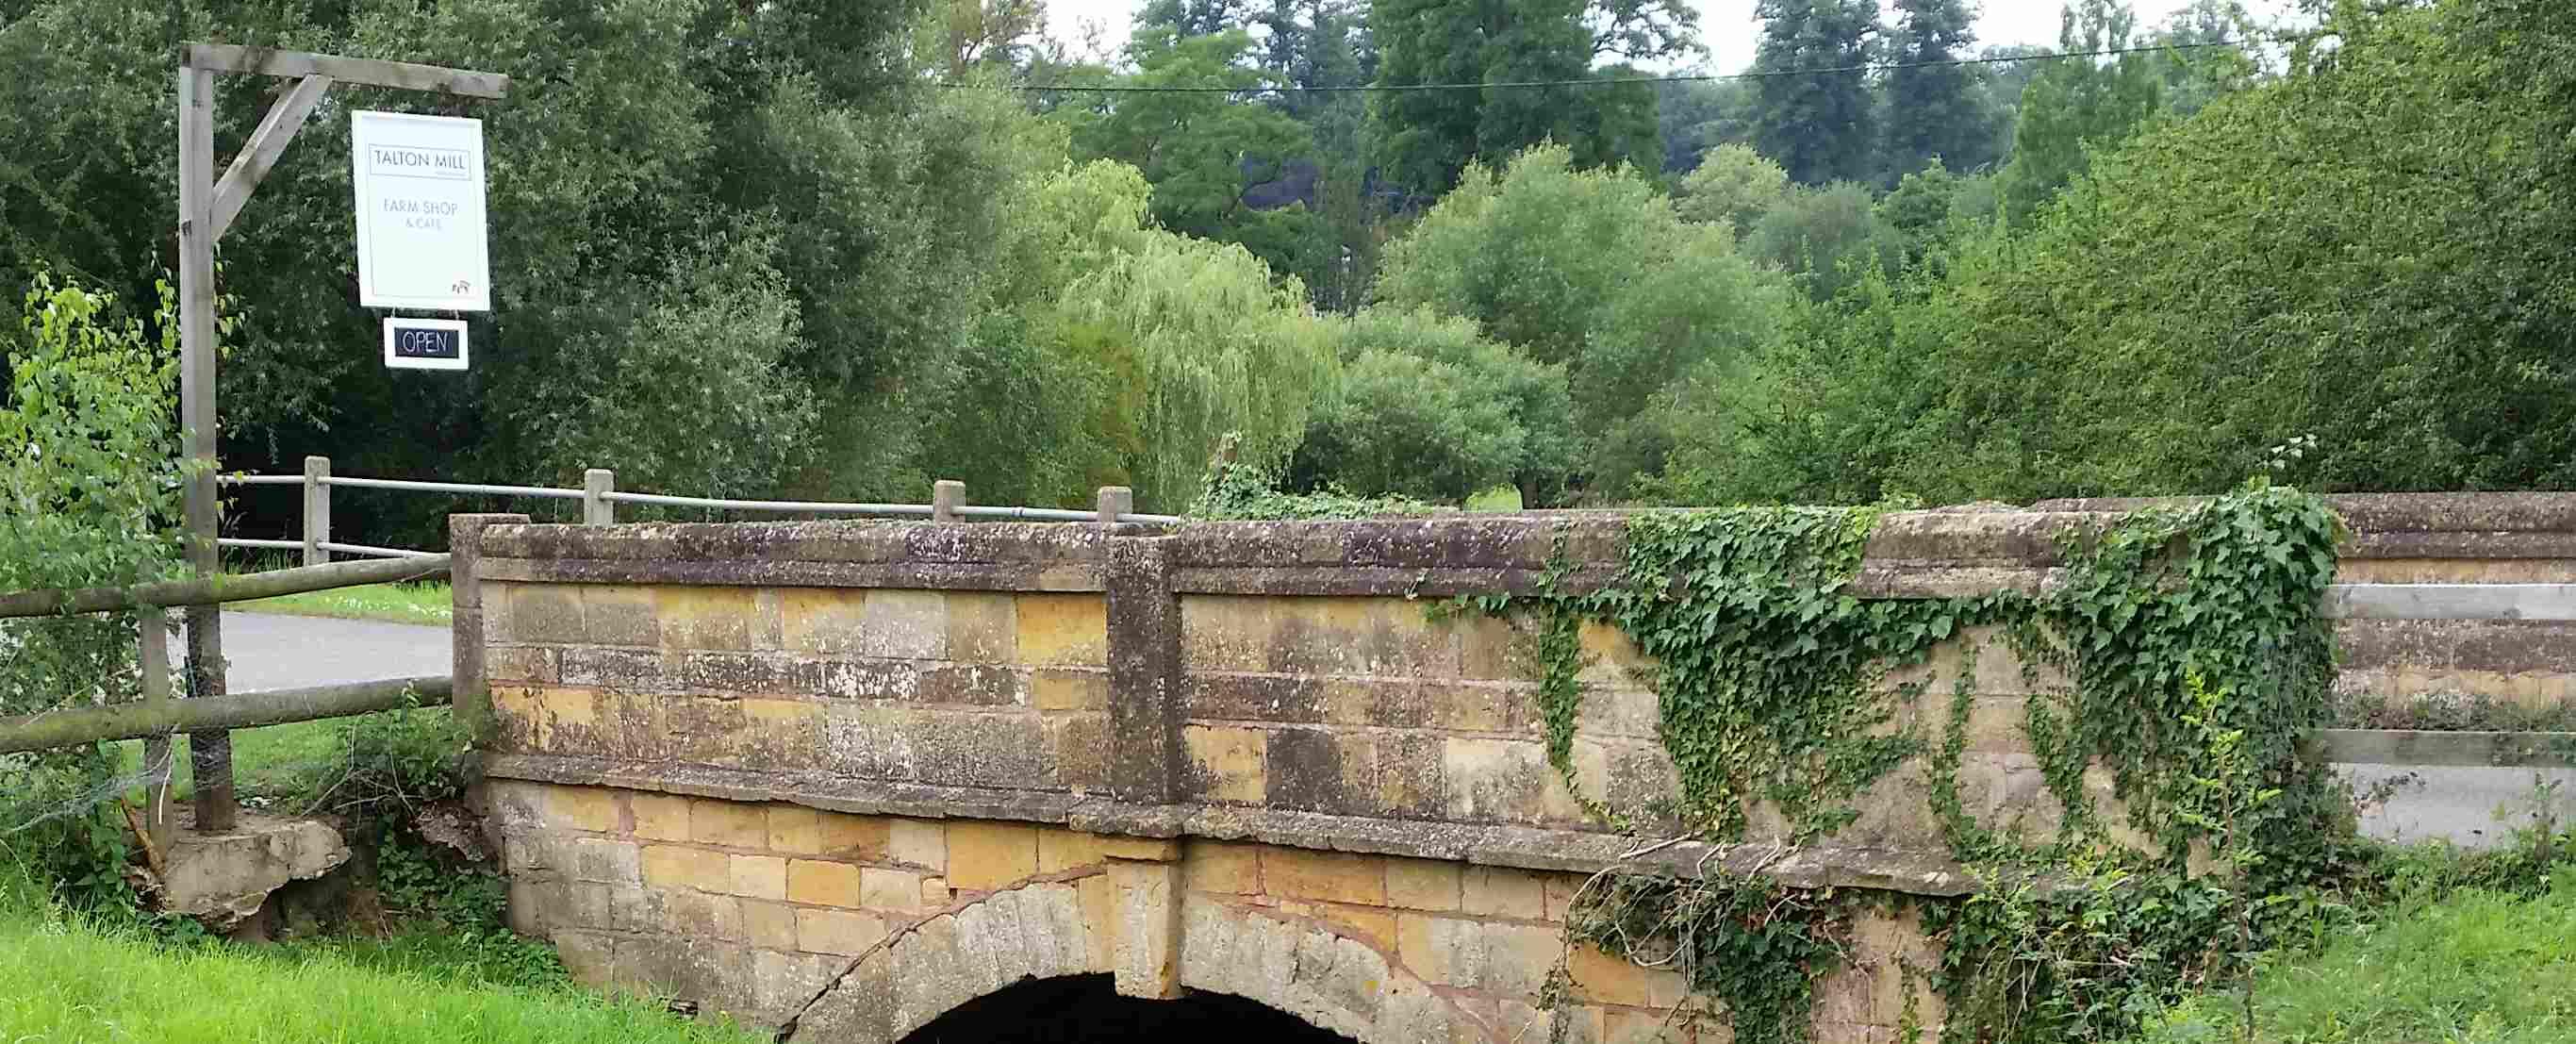 The bridge at Talton Mill Farmshop